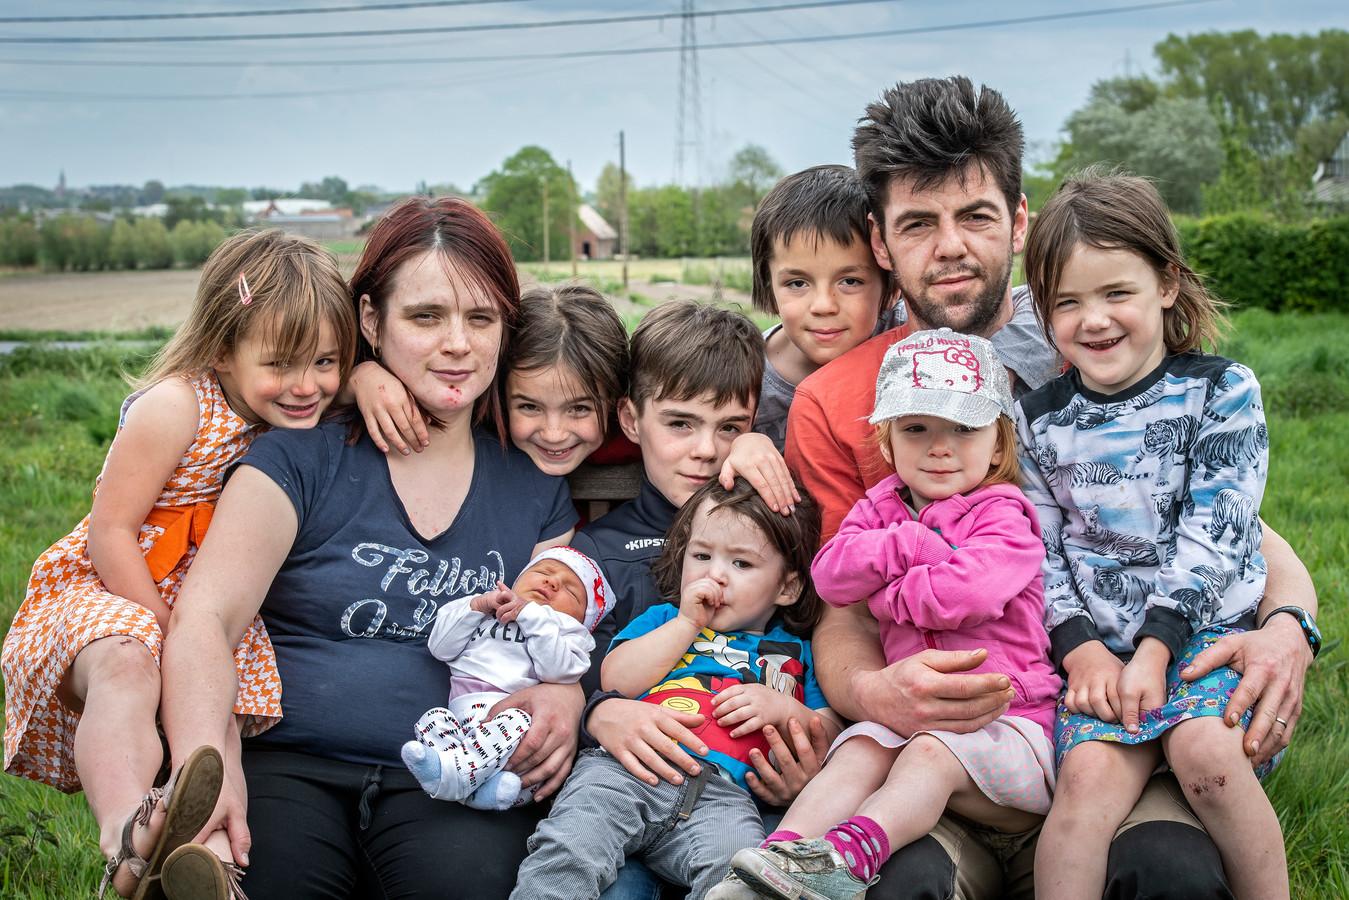 Marino Vaneeno en Gwenny Blanckaert met hun kroost in 2019. Toen waren ze met tien. We zien Xeal, Xela, Alex, Leax, Axel, Exla, Xael en baby Xale. Met Elax en Alxe zijn er inmiddels alweer twee kinderen bij gekomen.